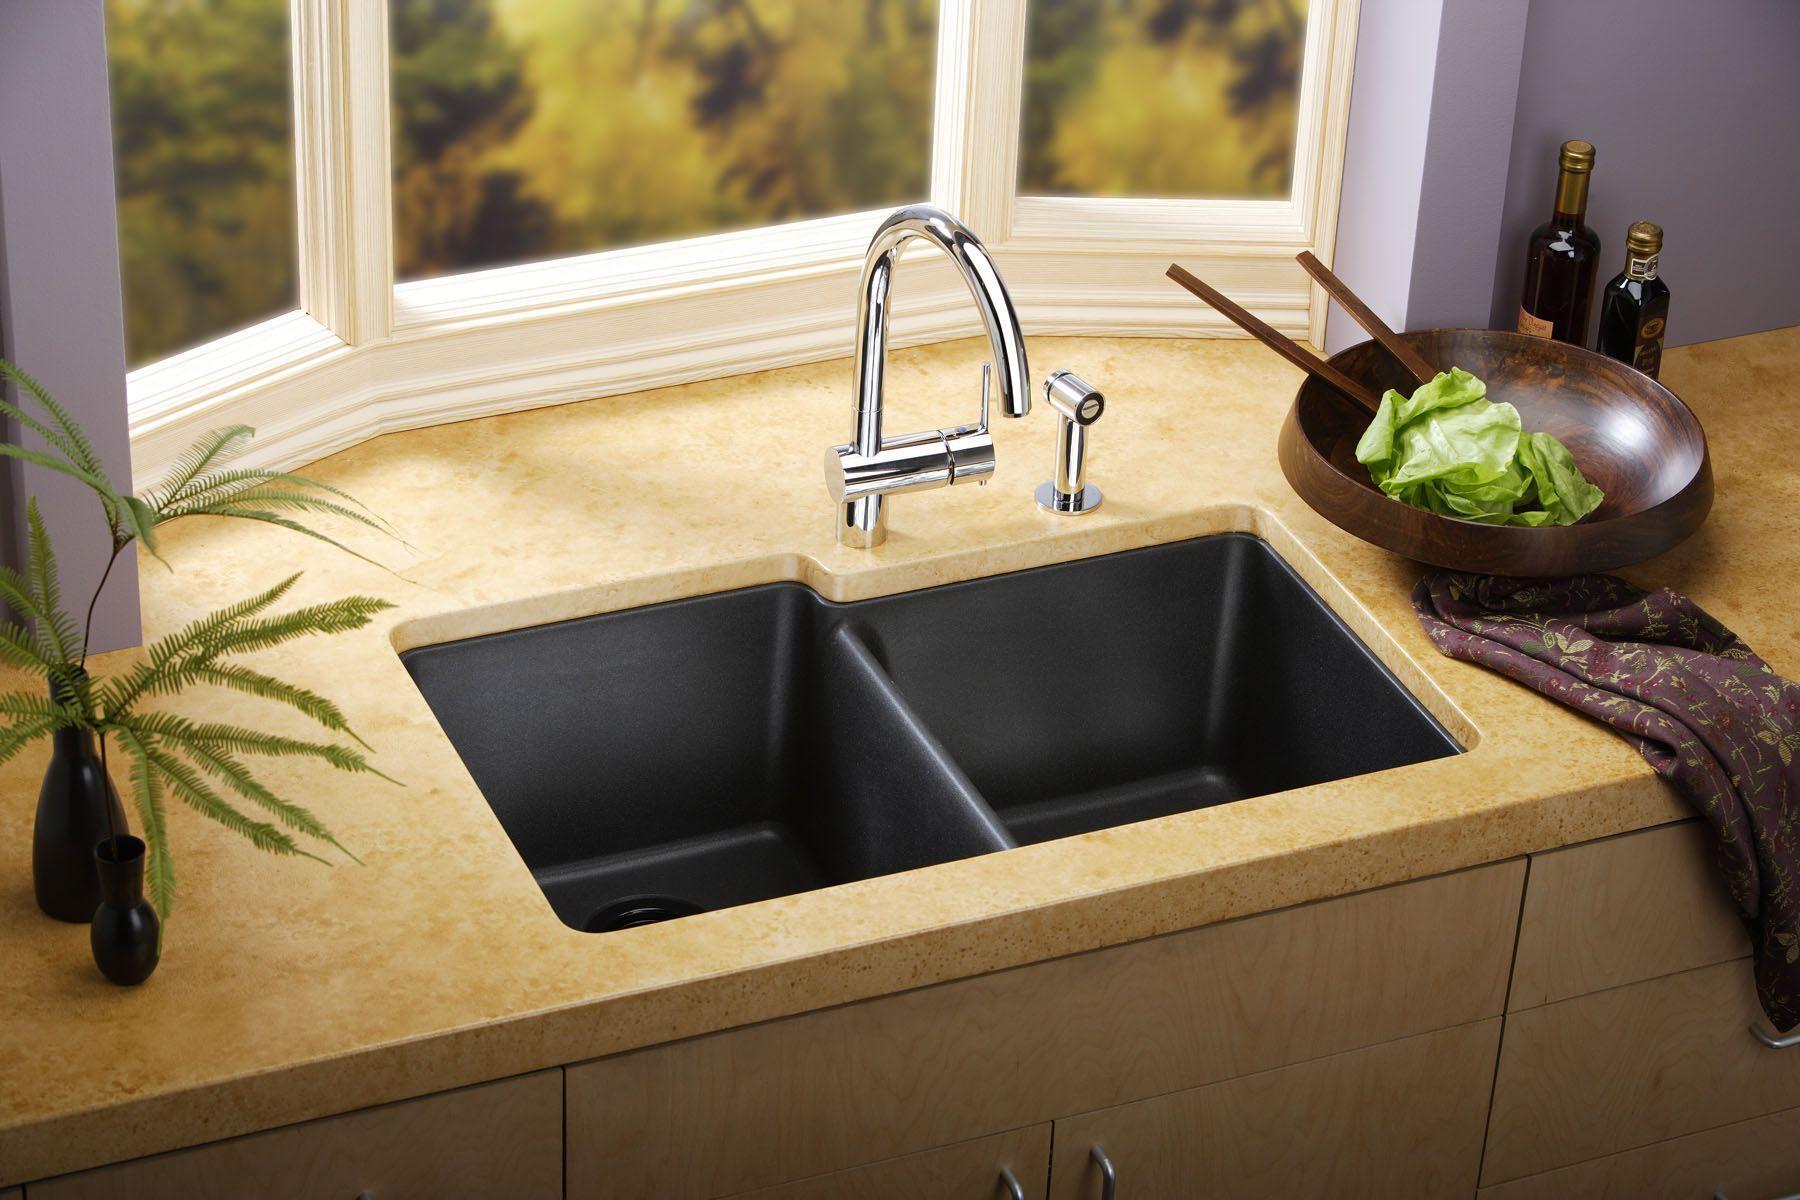 Kuche Waschbecken Bei Lowes Umbau Kleiner Kuche Kuchendesign